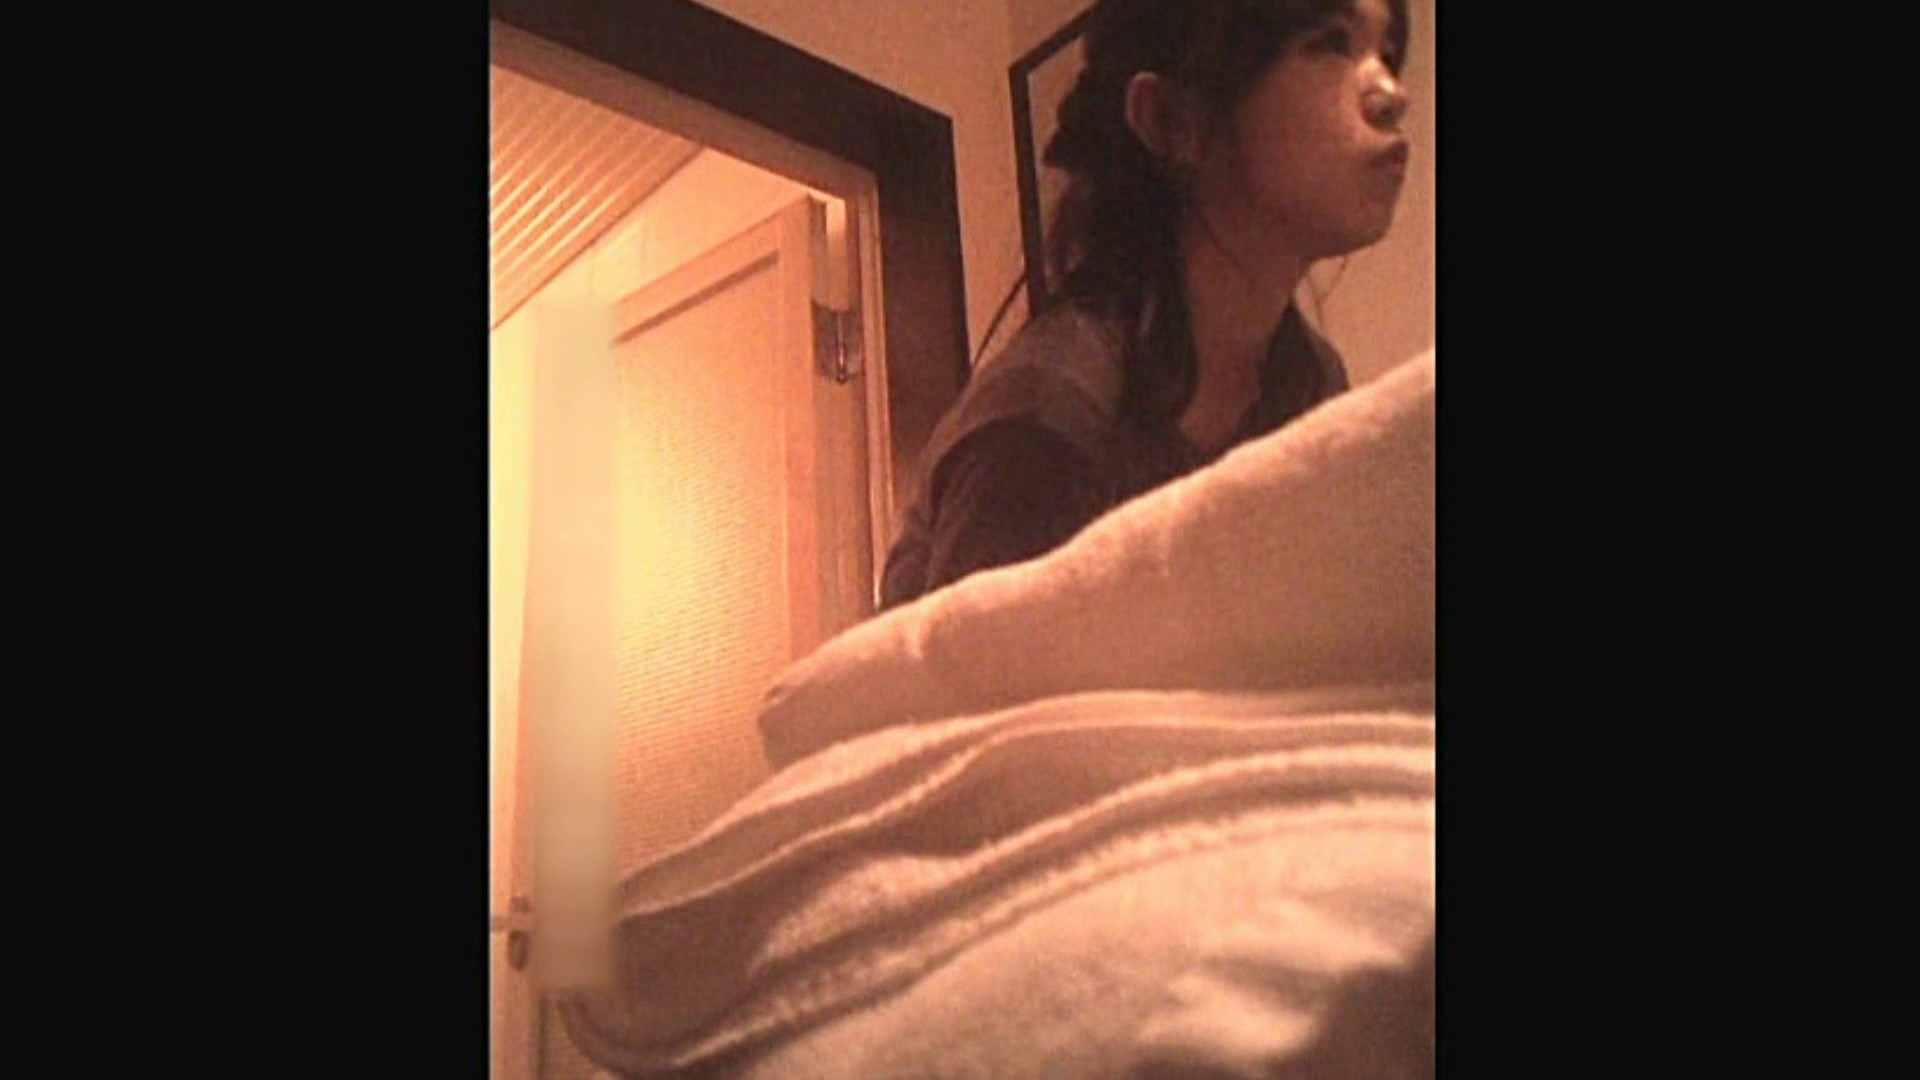 (再)超カワ!! みえちゃん Vol.25 脱衣編 OLハメ撮り  34Pix 12